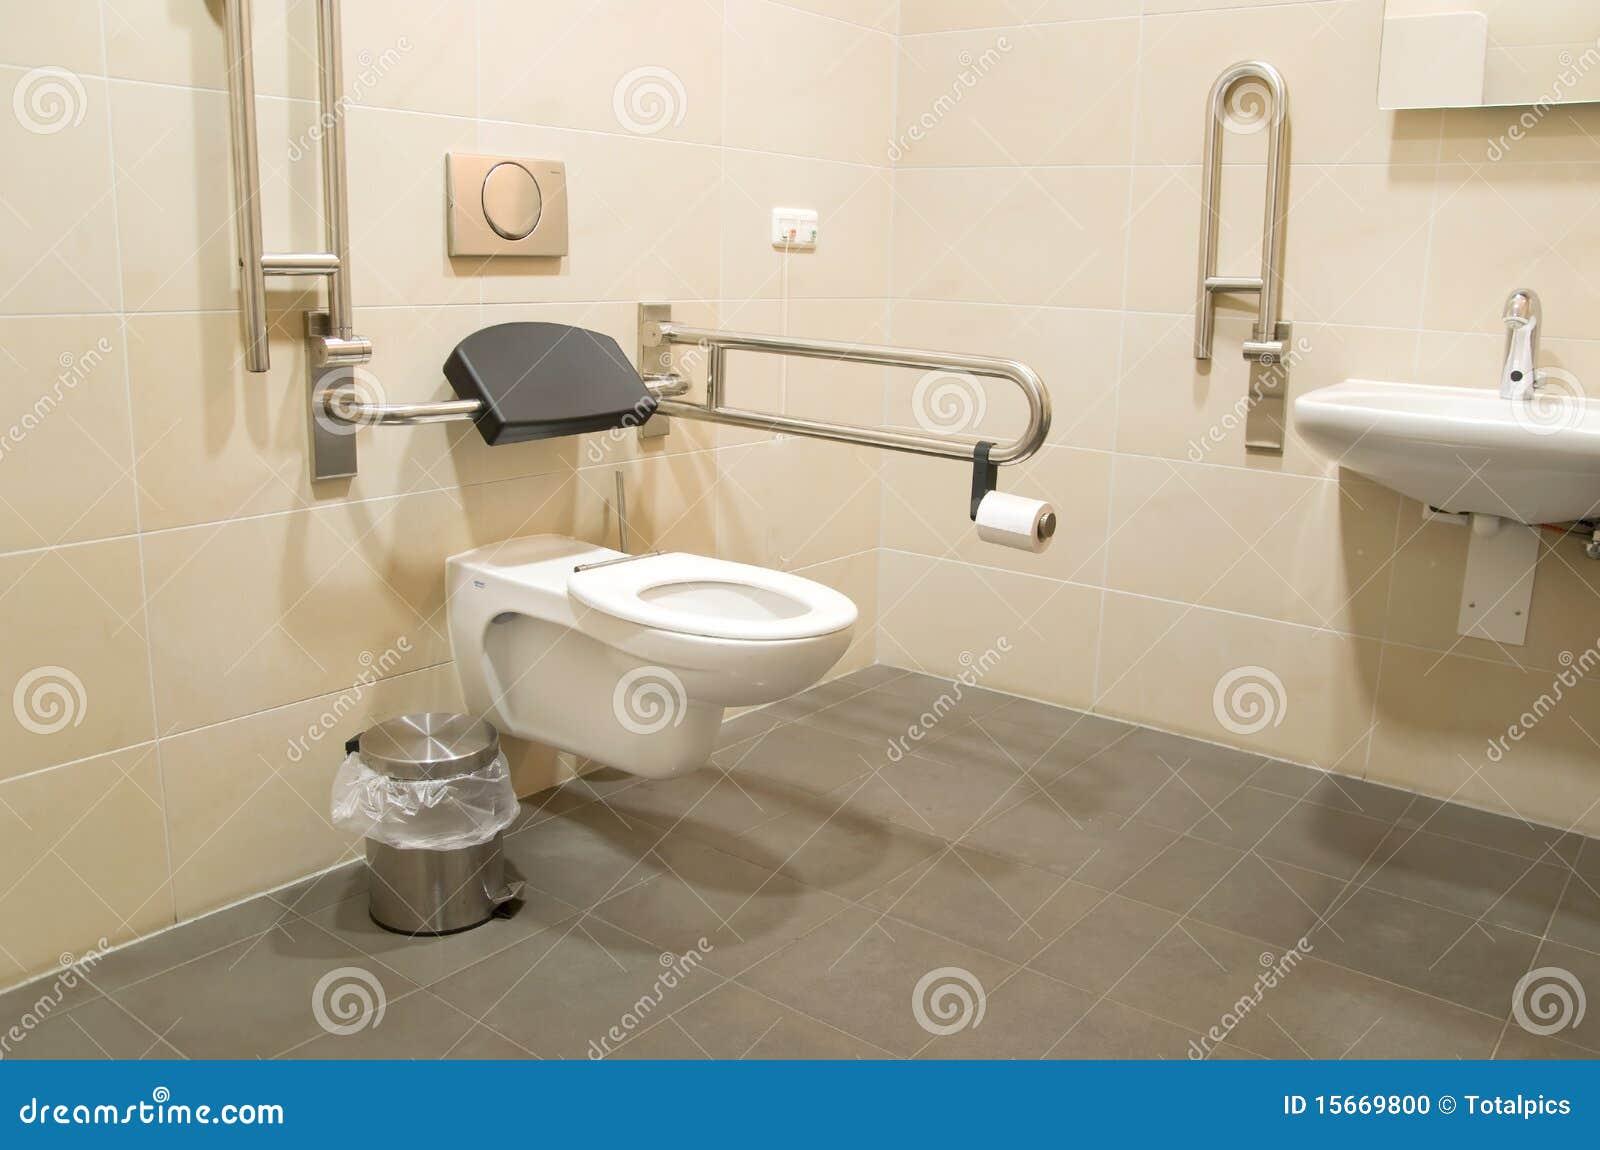 #84A922 Banheiro Para Deficientes Motores Foto de Stock Imagem: 15669800 1300x951 px Banheiro Para Deficiente Cad 2587